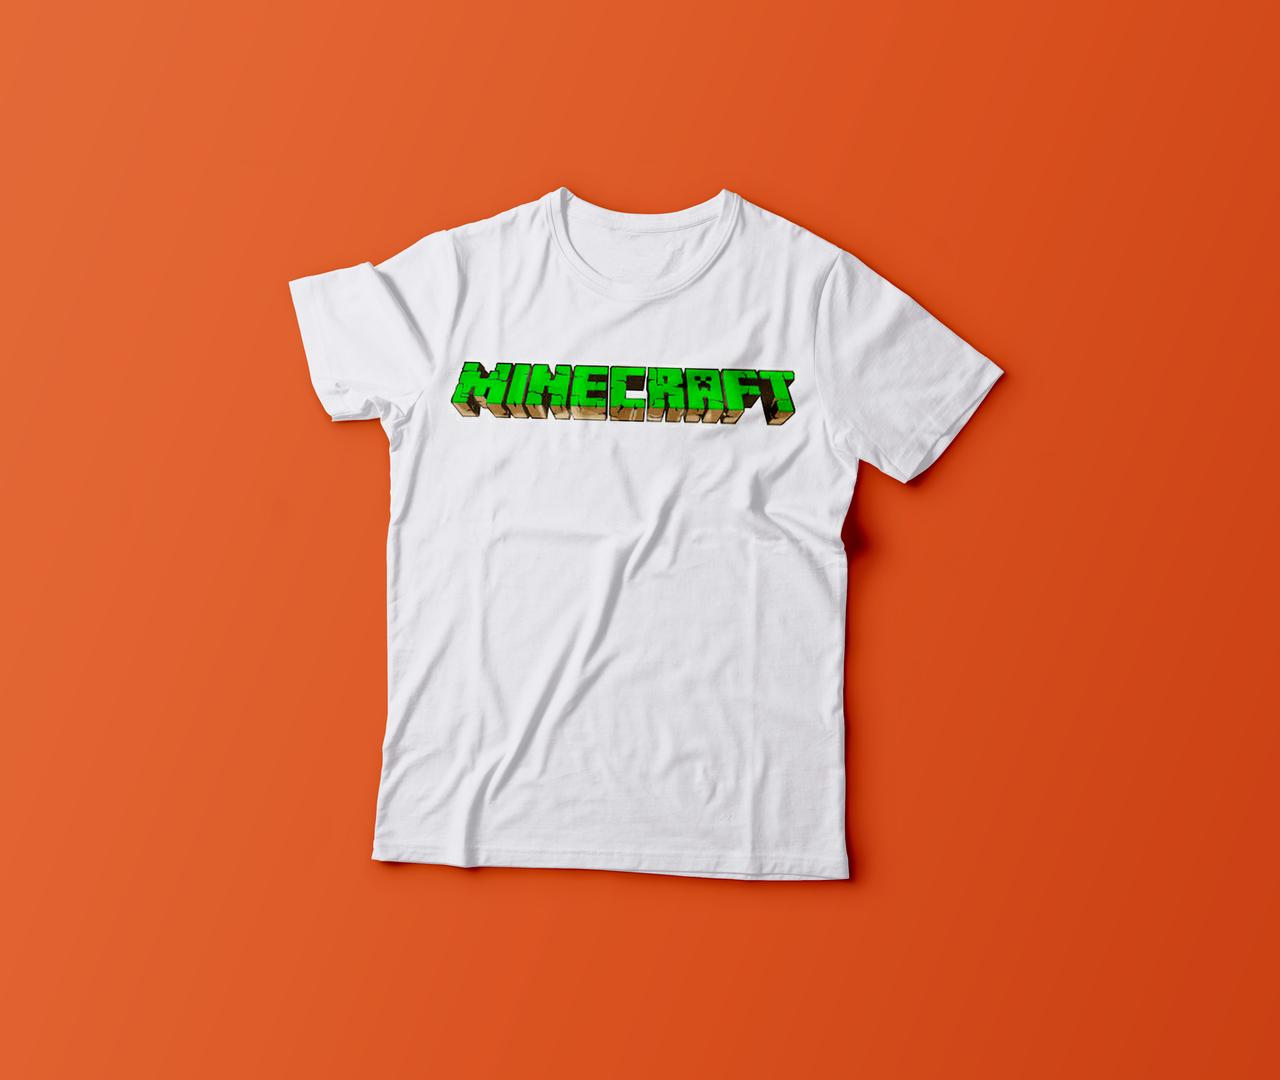 Футболка YOUstyle Minecraft 0278 140(12Y) White